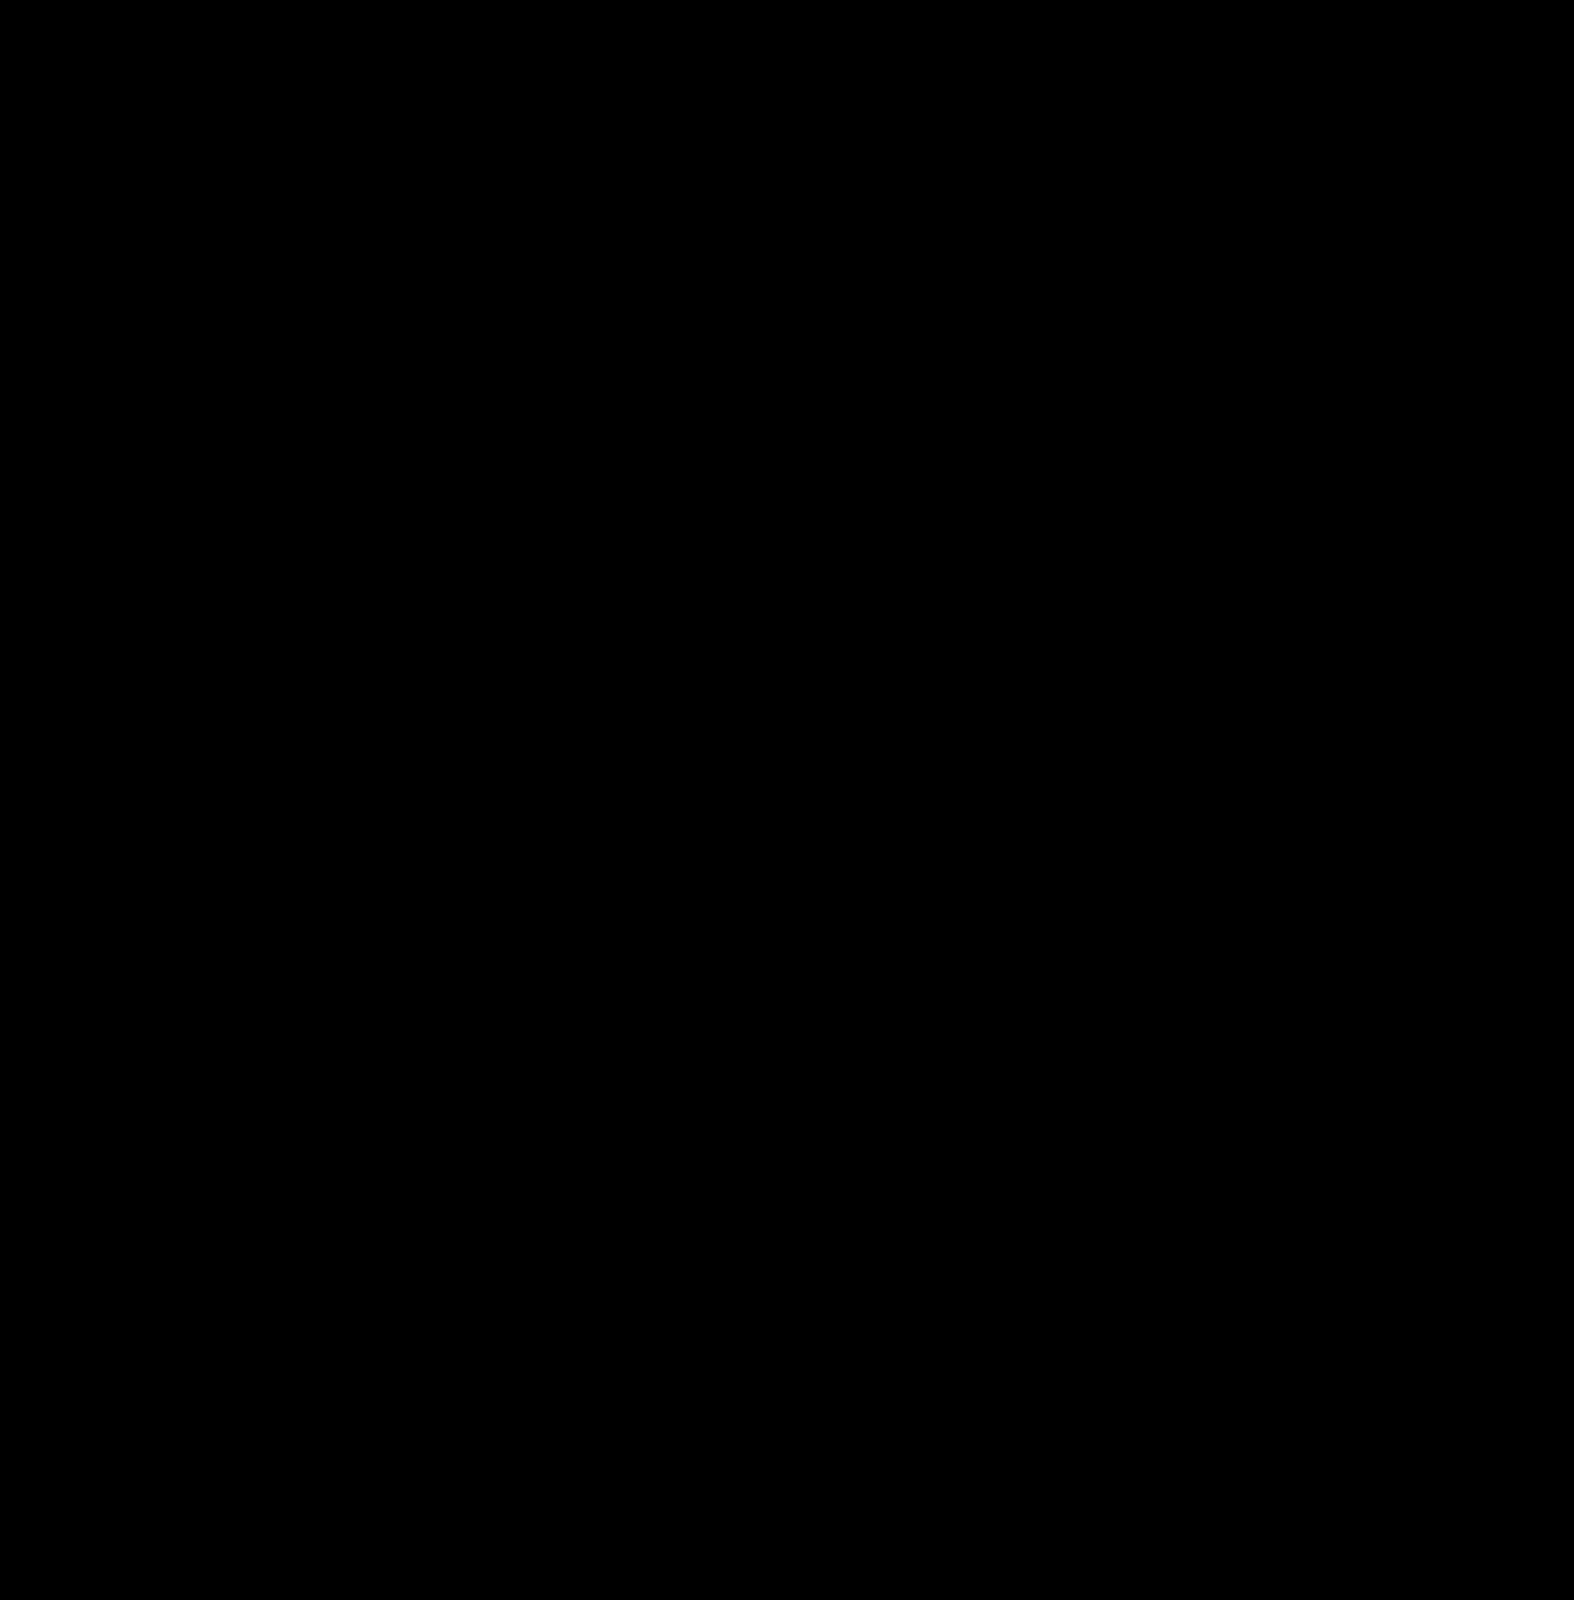 Drawn dice 2014 September extramaster SVG